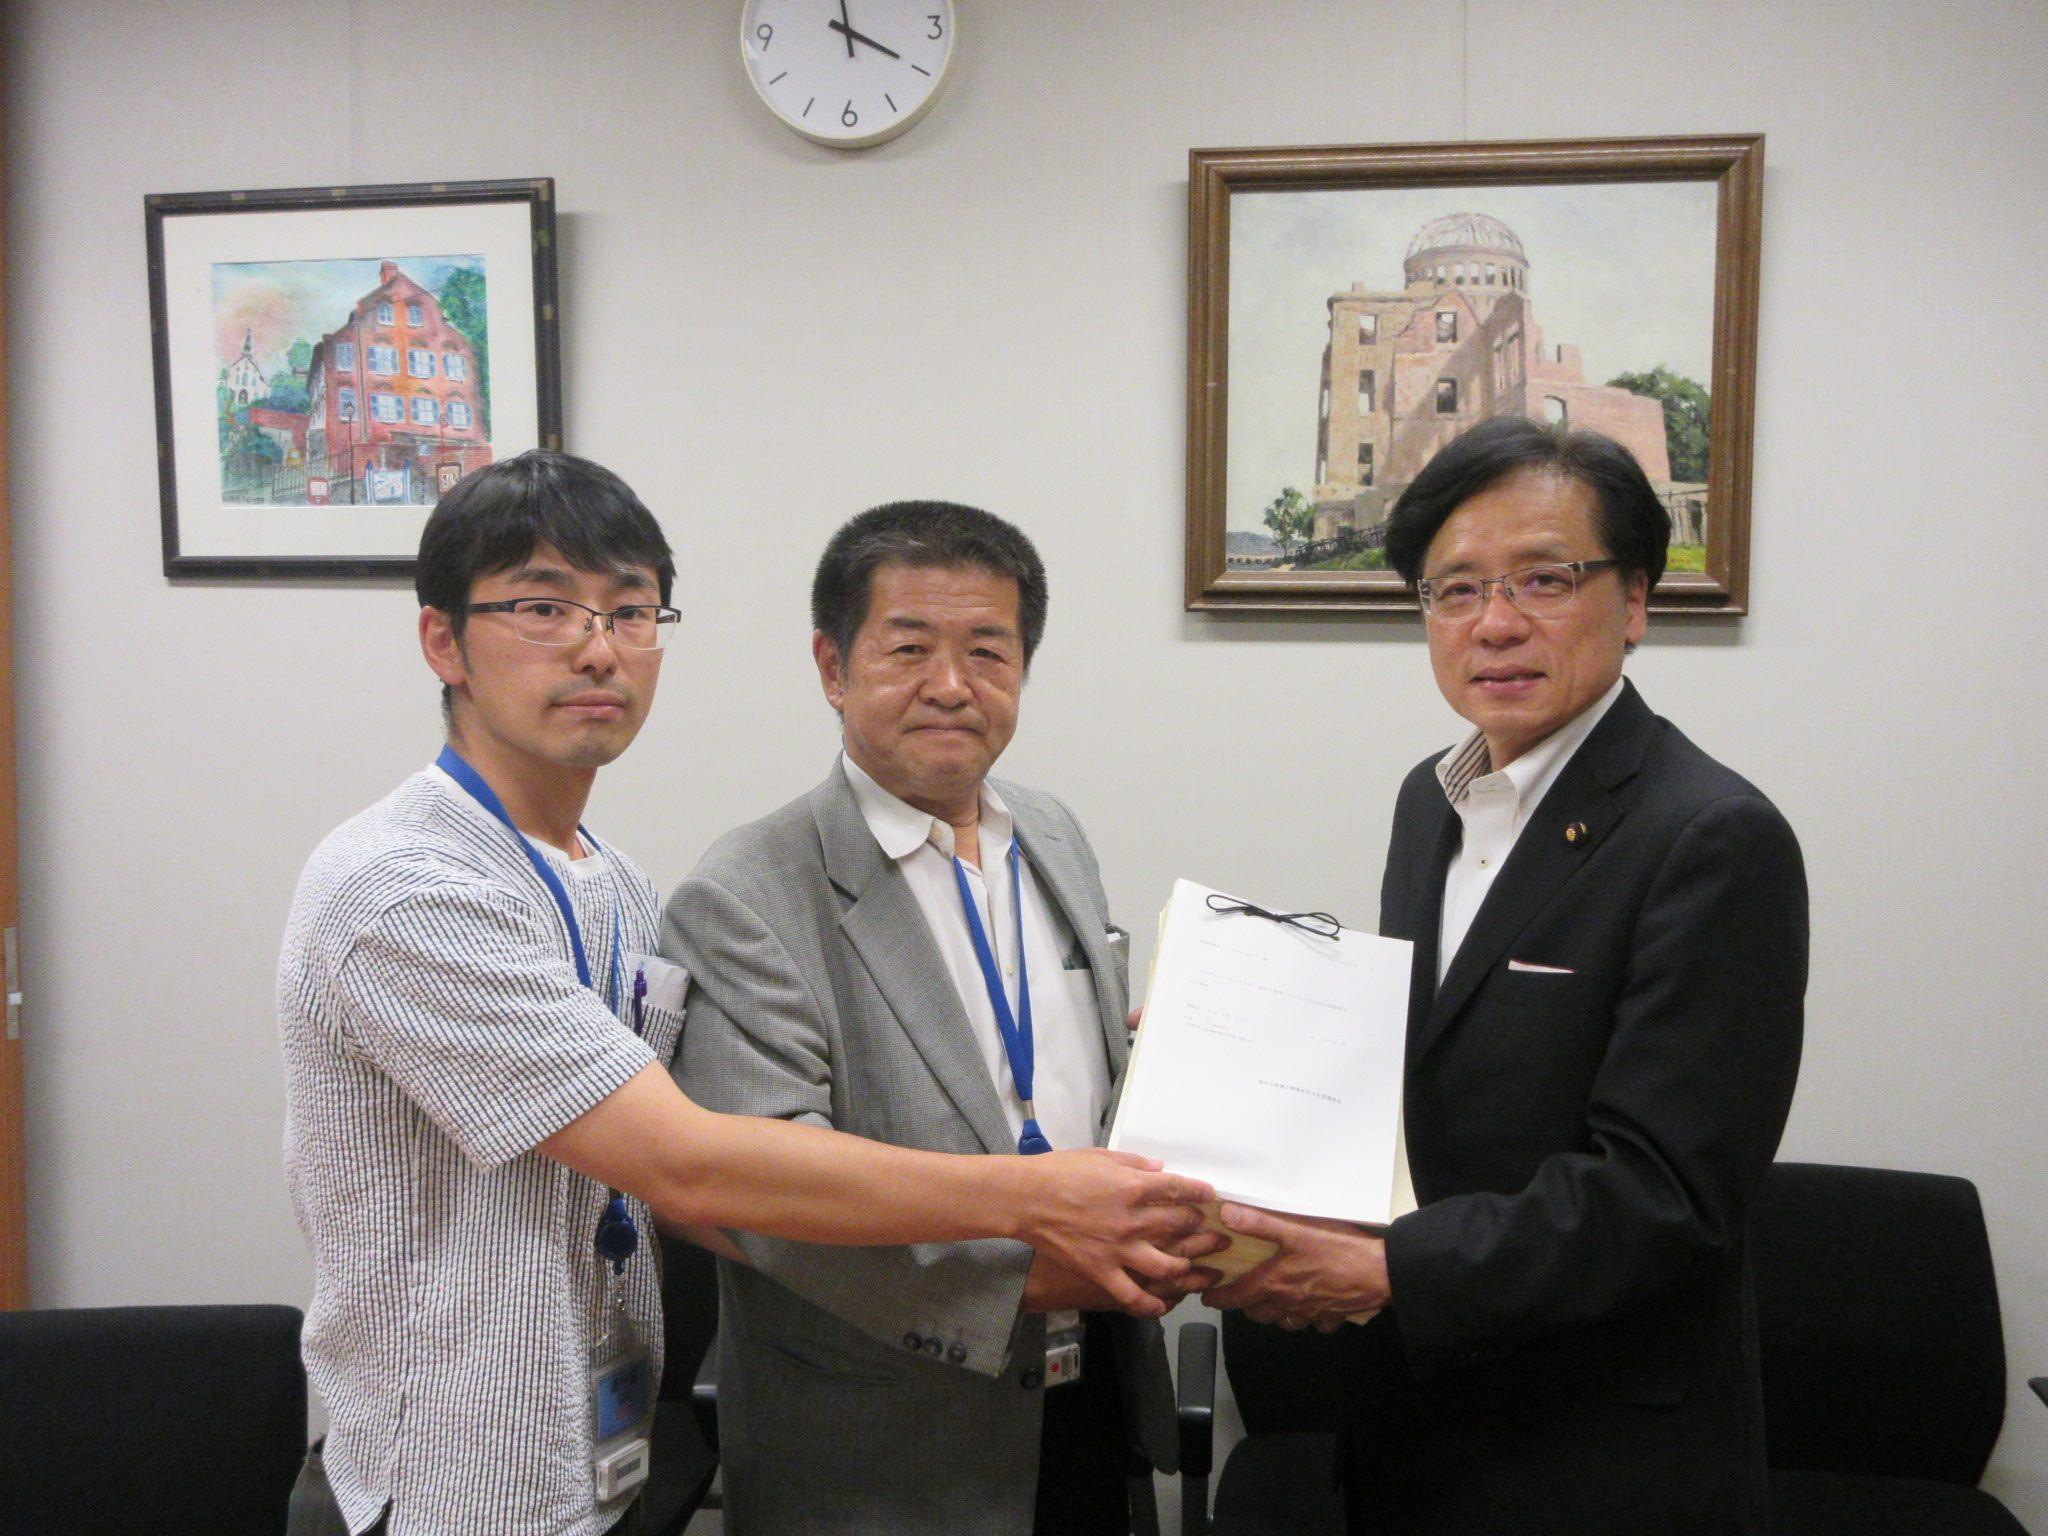 http://www.inoue-satoshi.com/diary/%E8%BE%B2%E6%B0%91%E9%80%A3.jpg